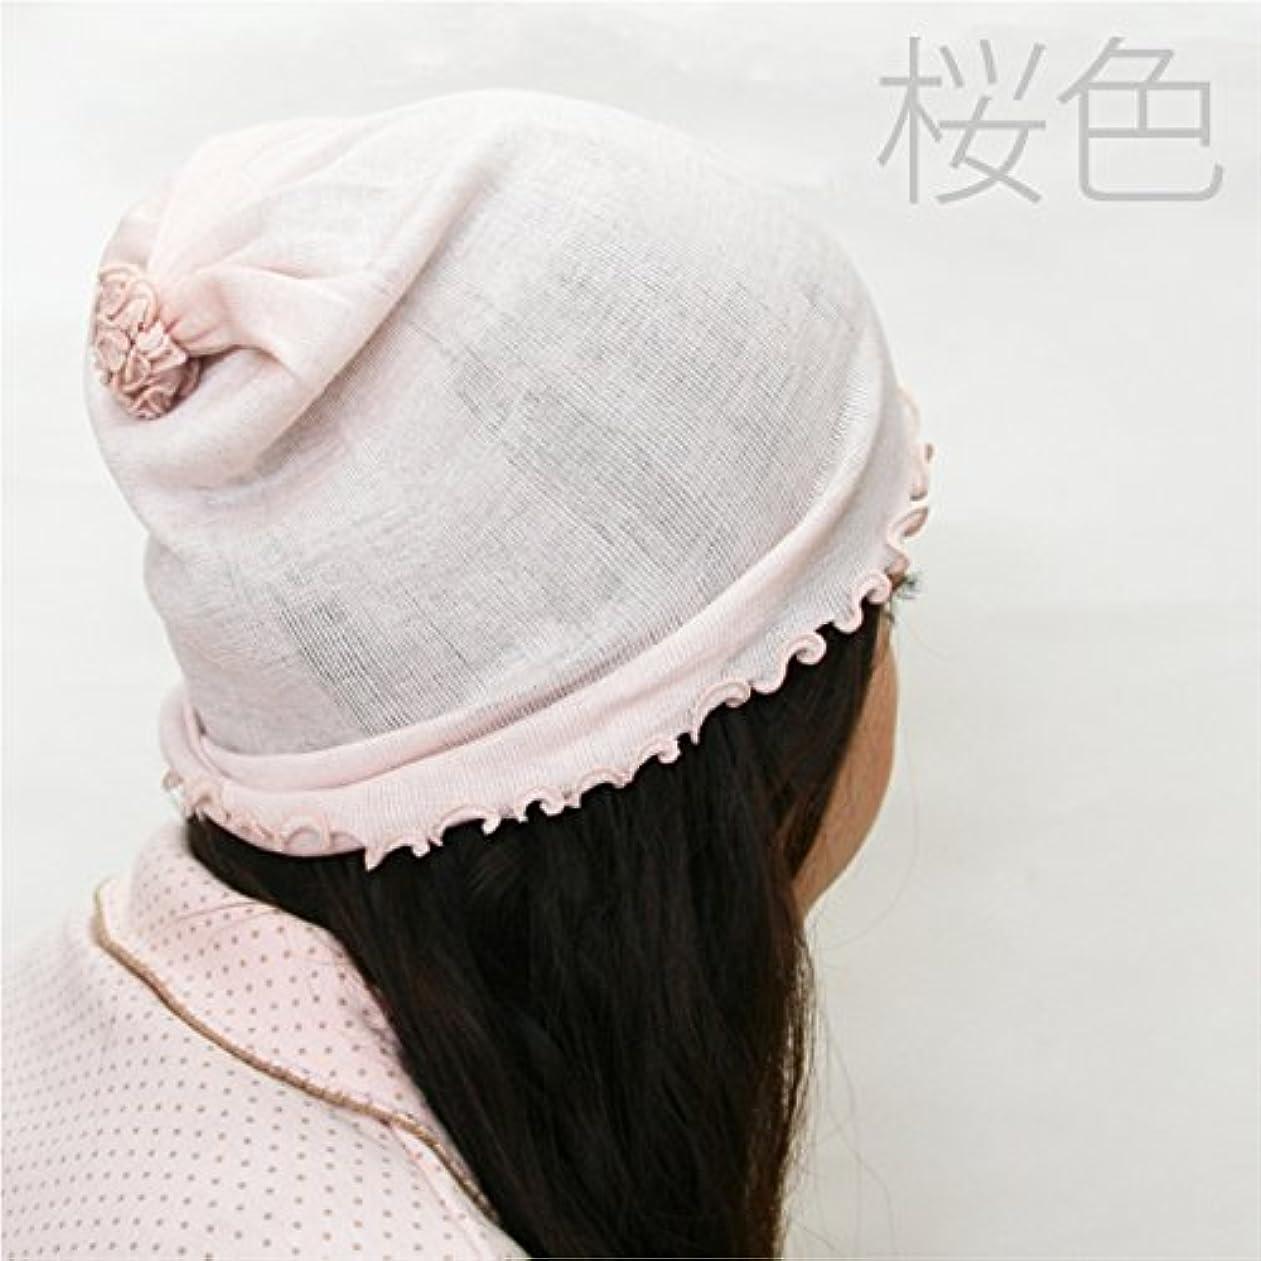 楽な解任助言する絹屋 シルクナイトキャップ SO4463 02桜色